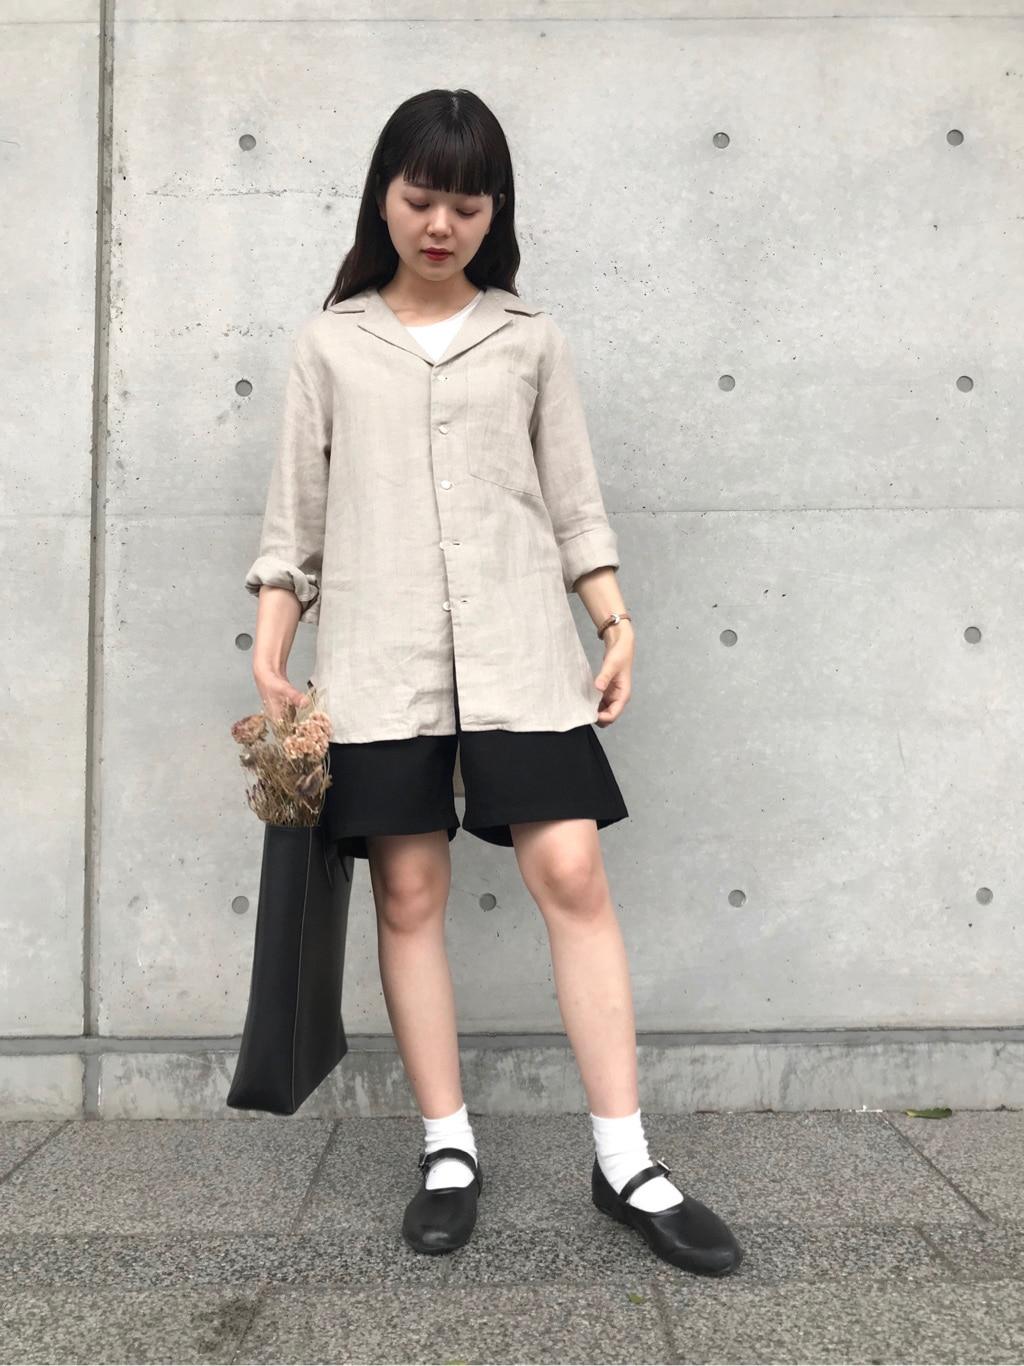 l'atelier du savon 東京スカイツリータウン・ソラマチ 身長:154cm 2020.08.04